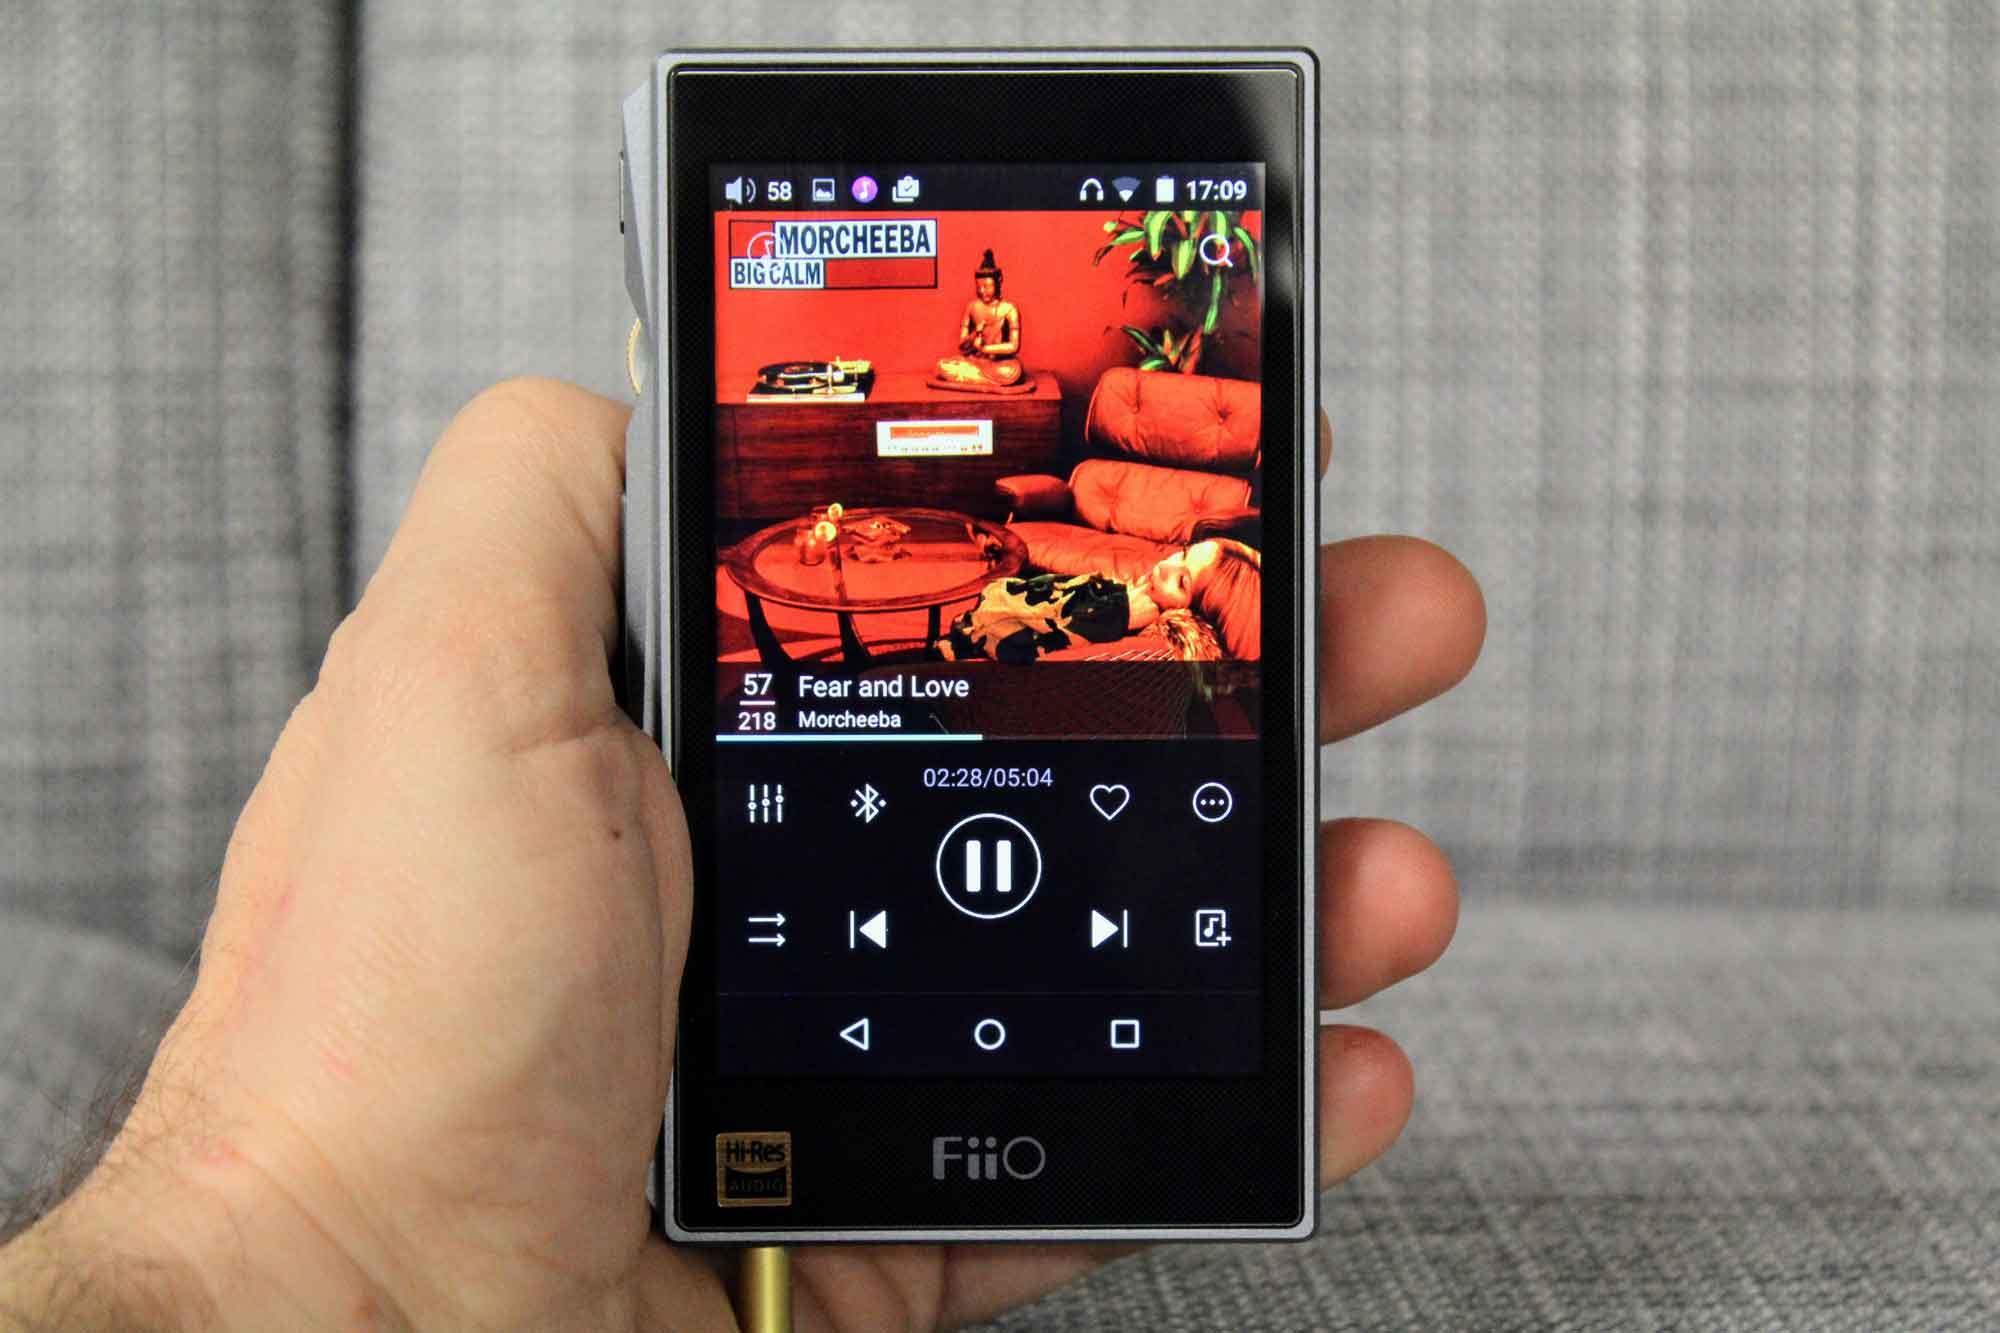 Fiio-x5-III-gen-reproductor-audio-portátil